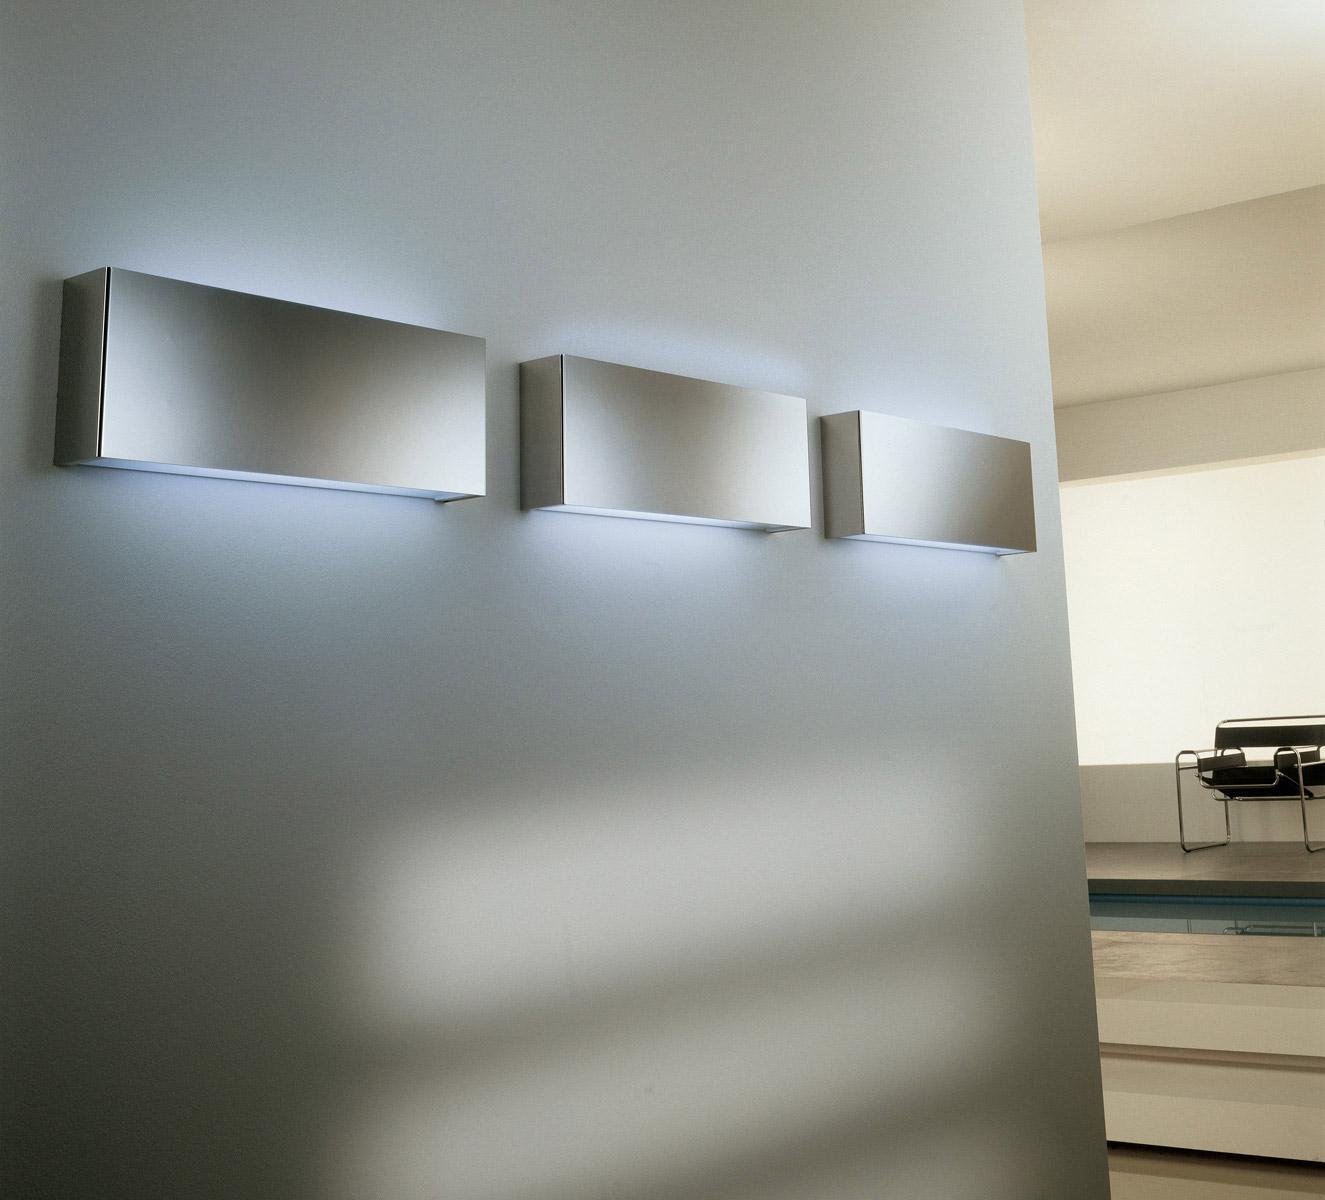 Forum Arredamento.it •Illuminazione soggiorno: 3 punti luce a parate